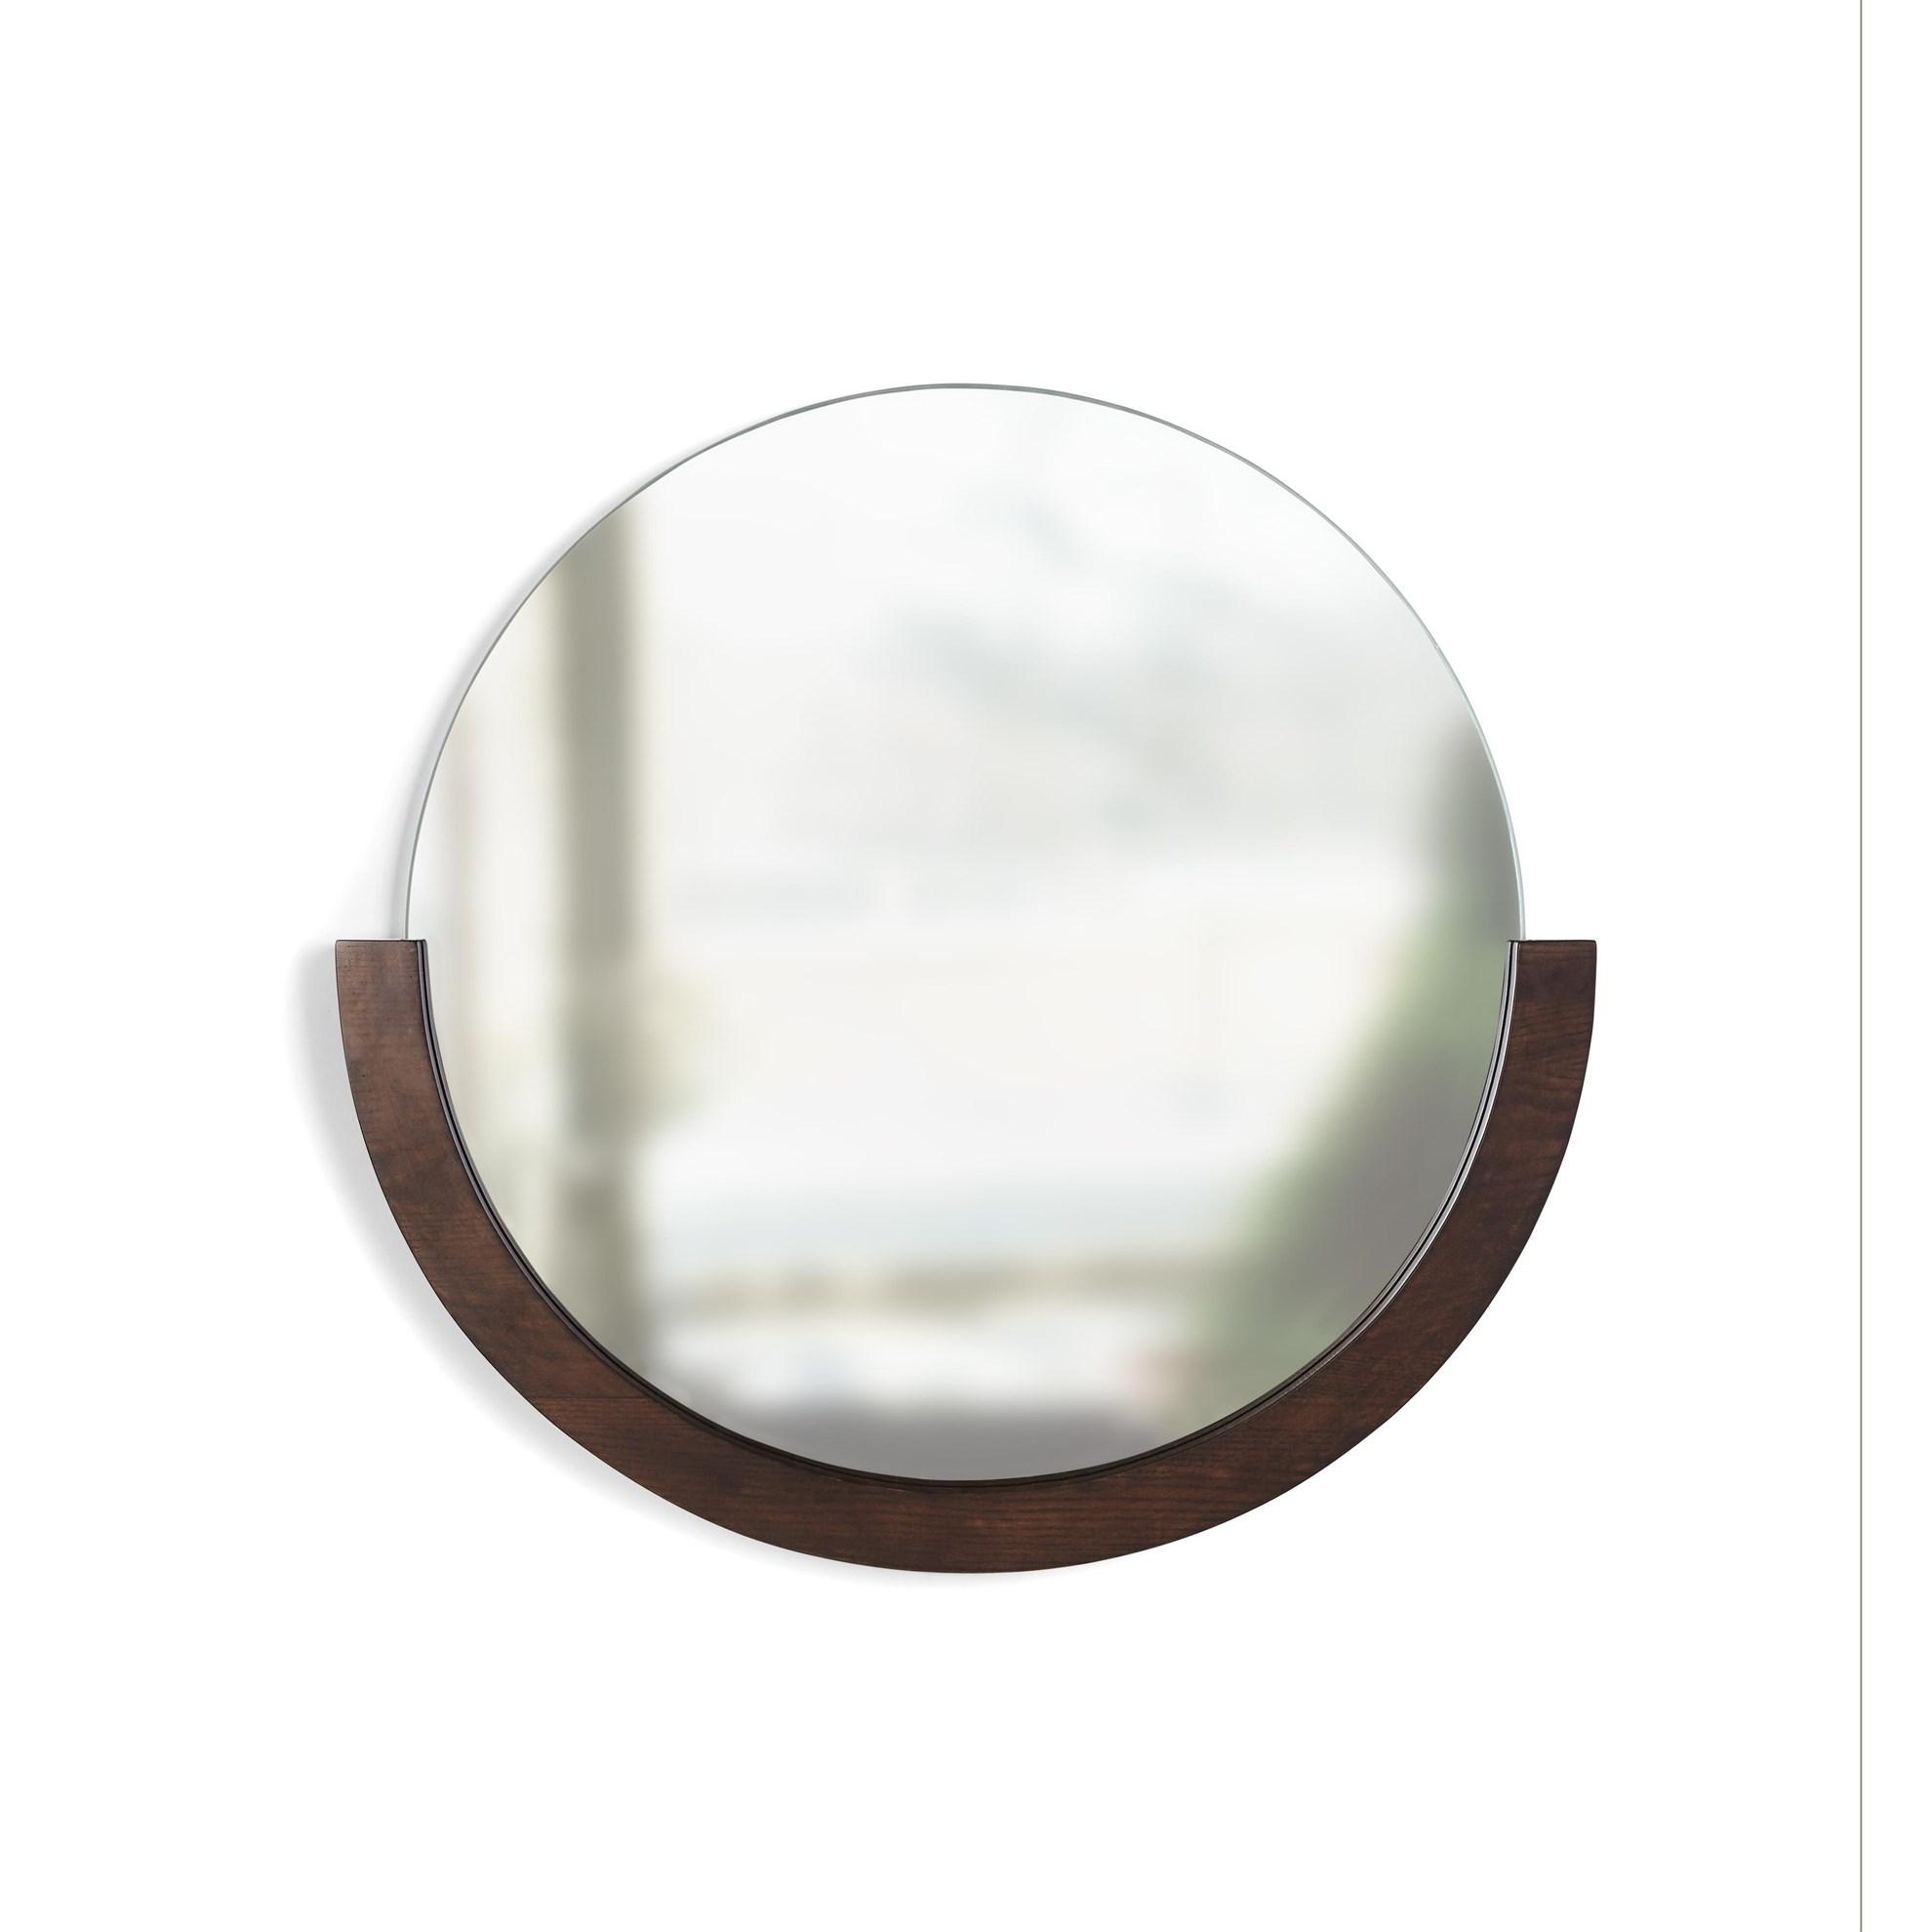 Zrcadlo MIRA s dřevěným rámem_3